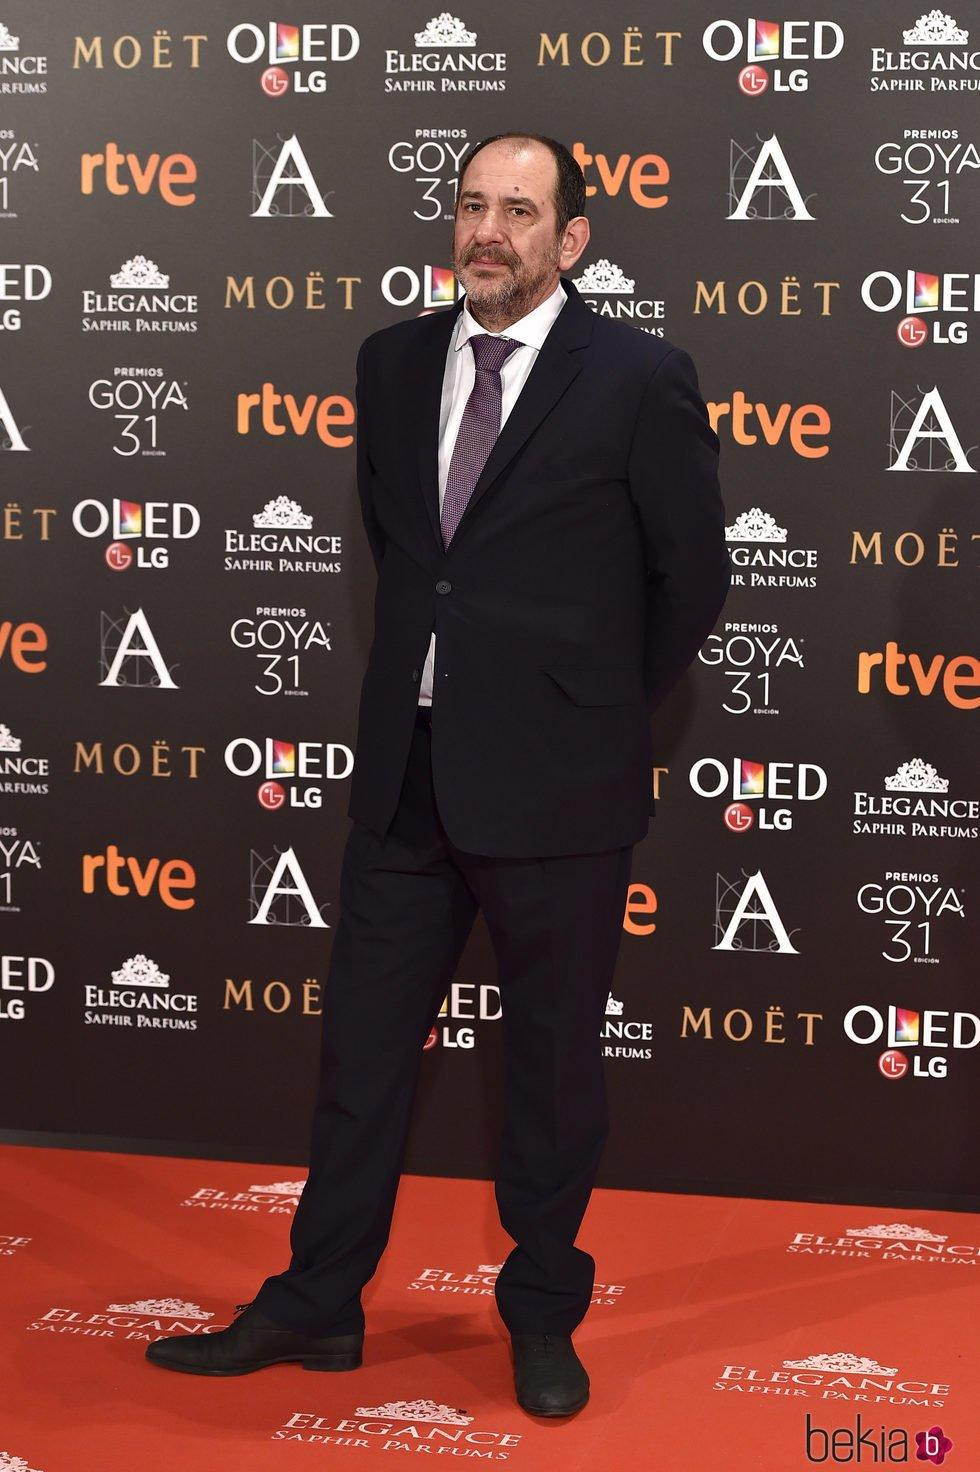 Karra Elejalde en la alfombra roja de los Premios Goya 2017